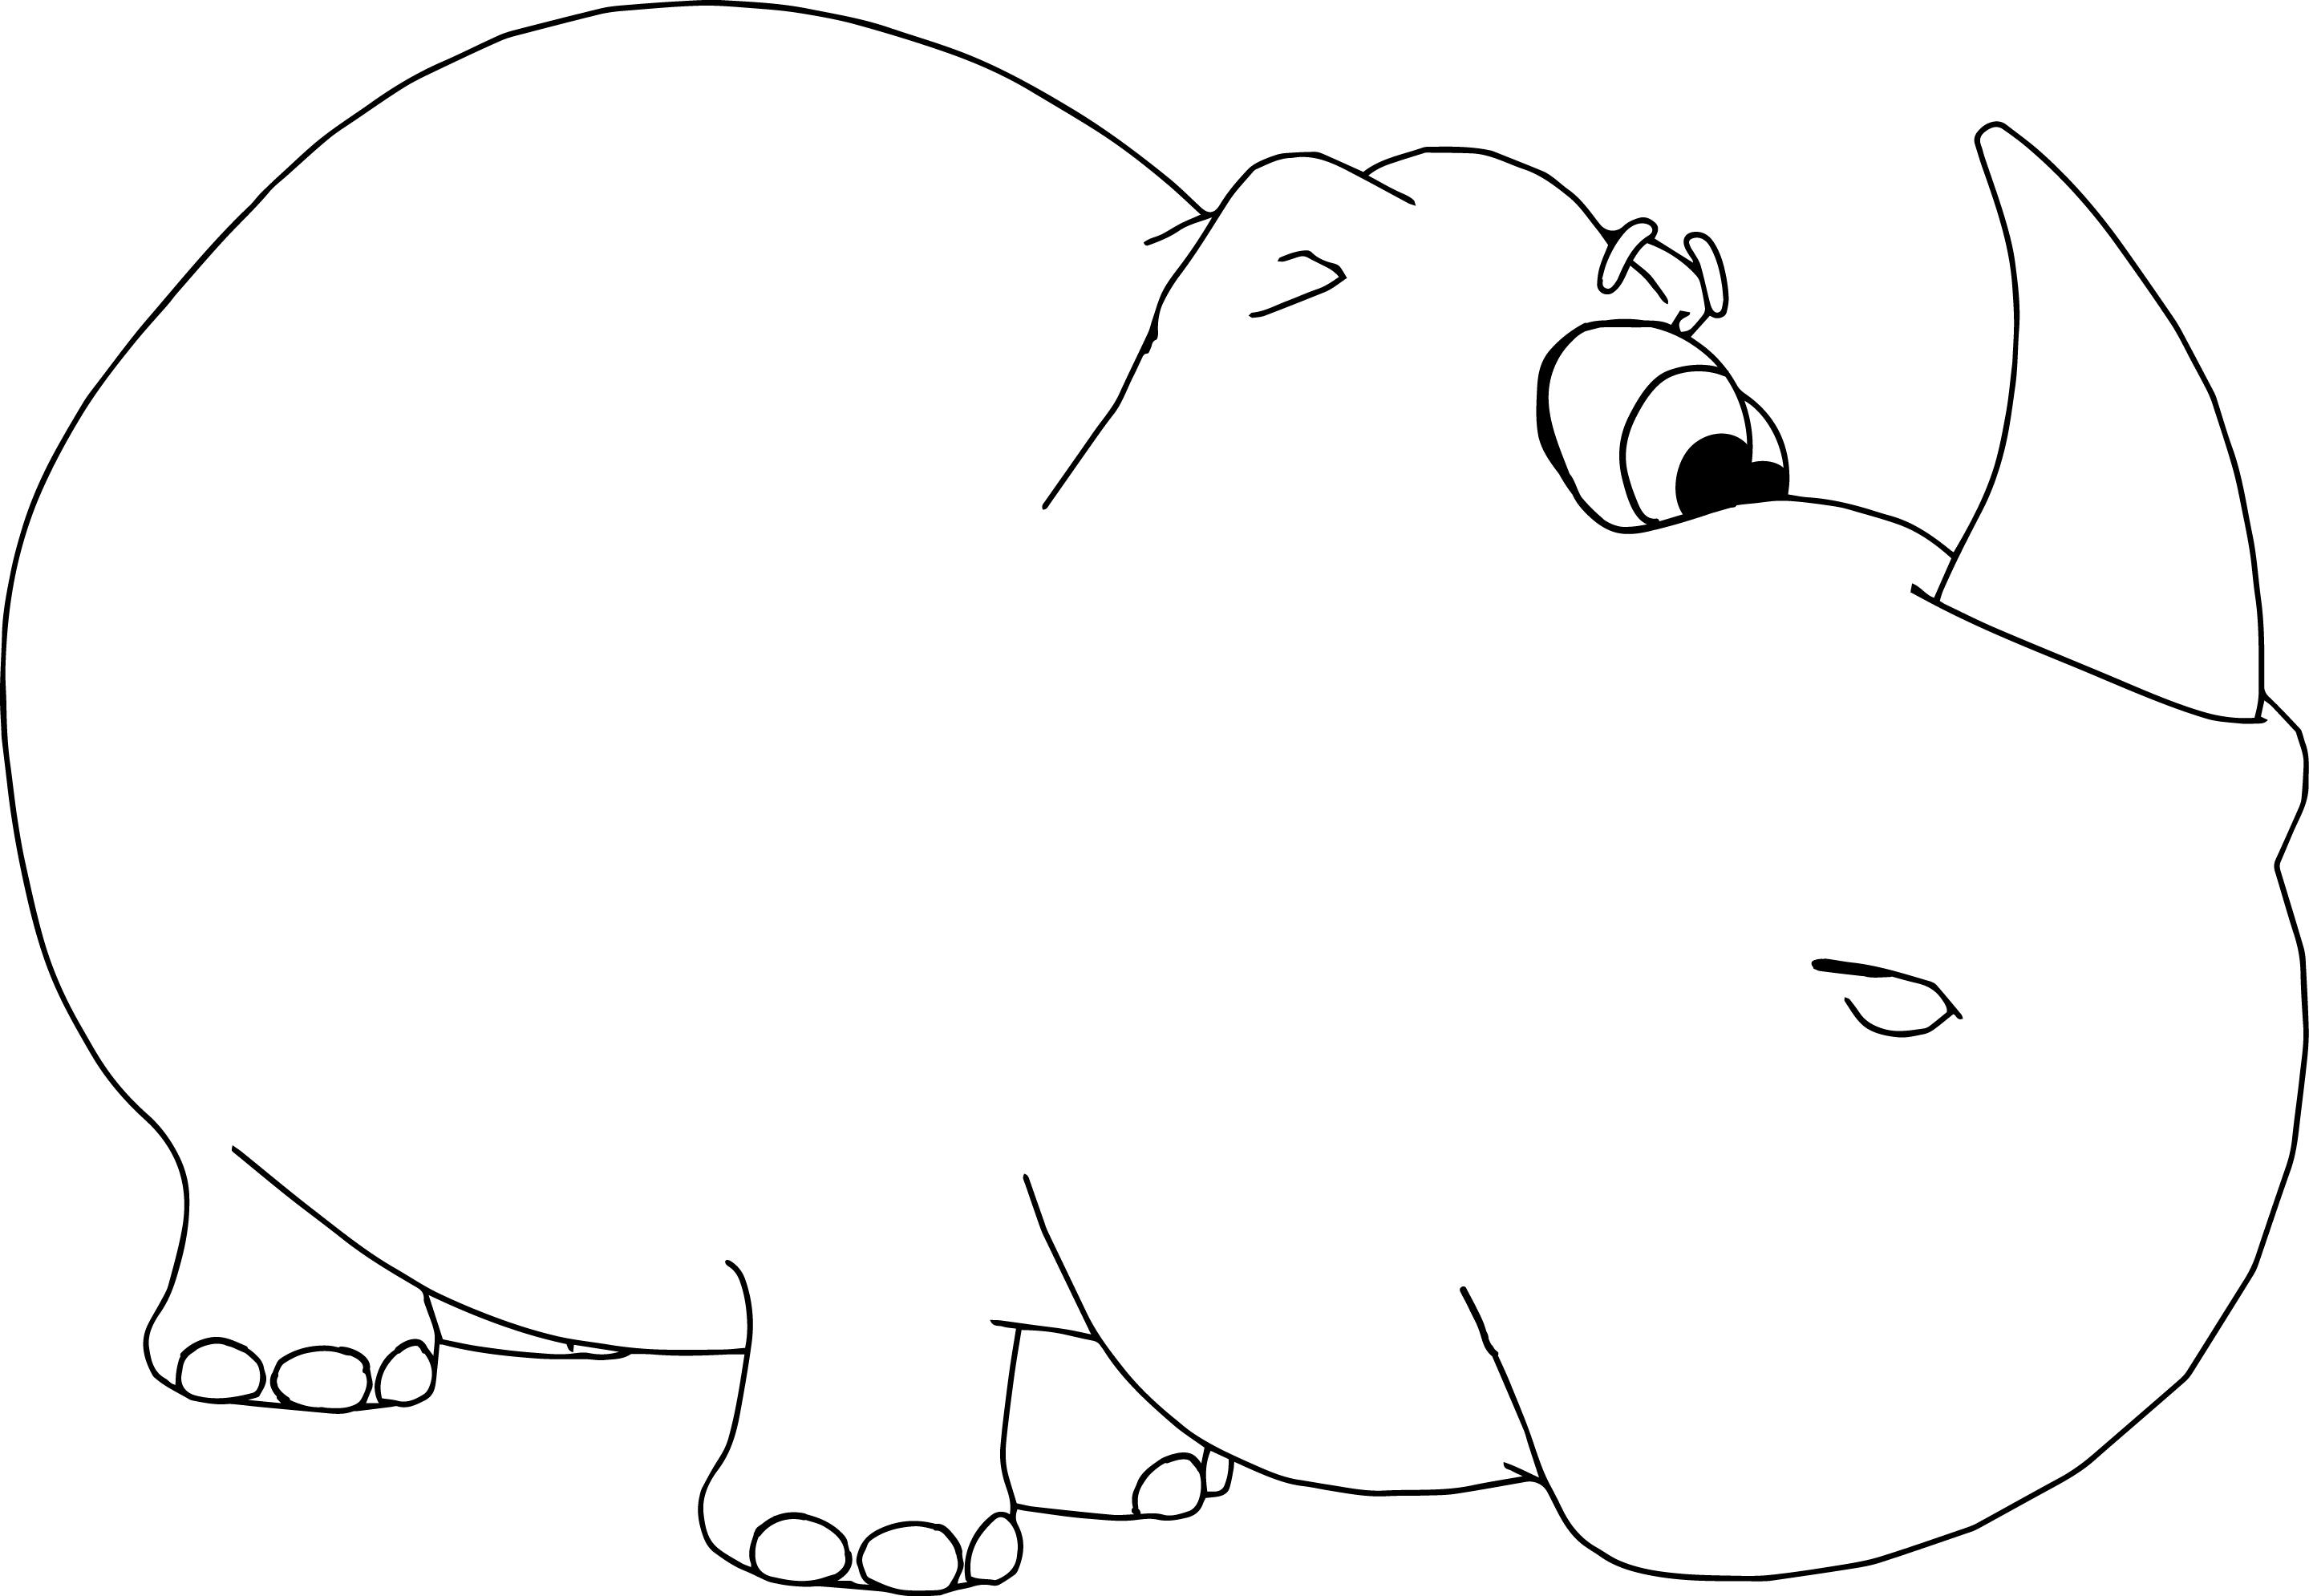 Rhinoceros Coloring Page Cartoon Free Download